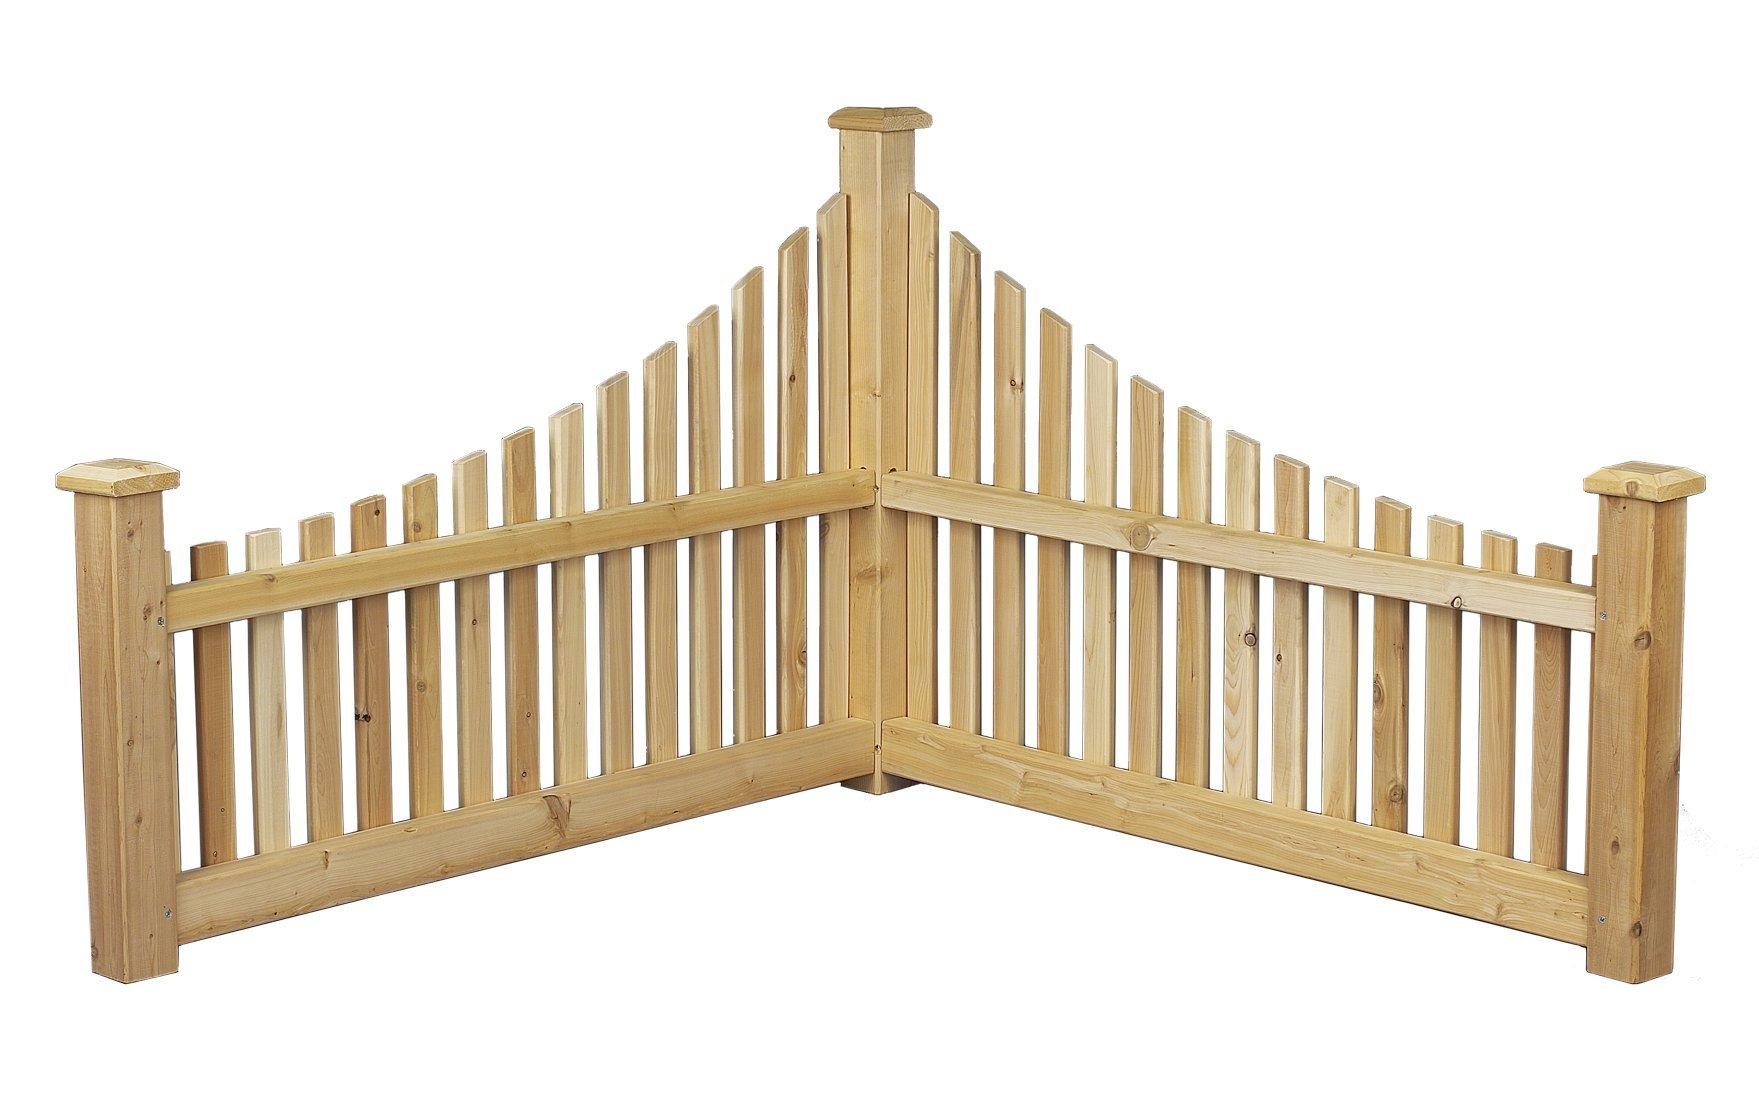 Cedarlooks 0600550 Corner Accent Fence